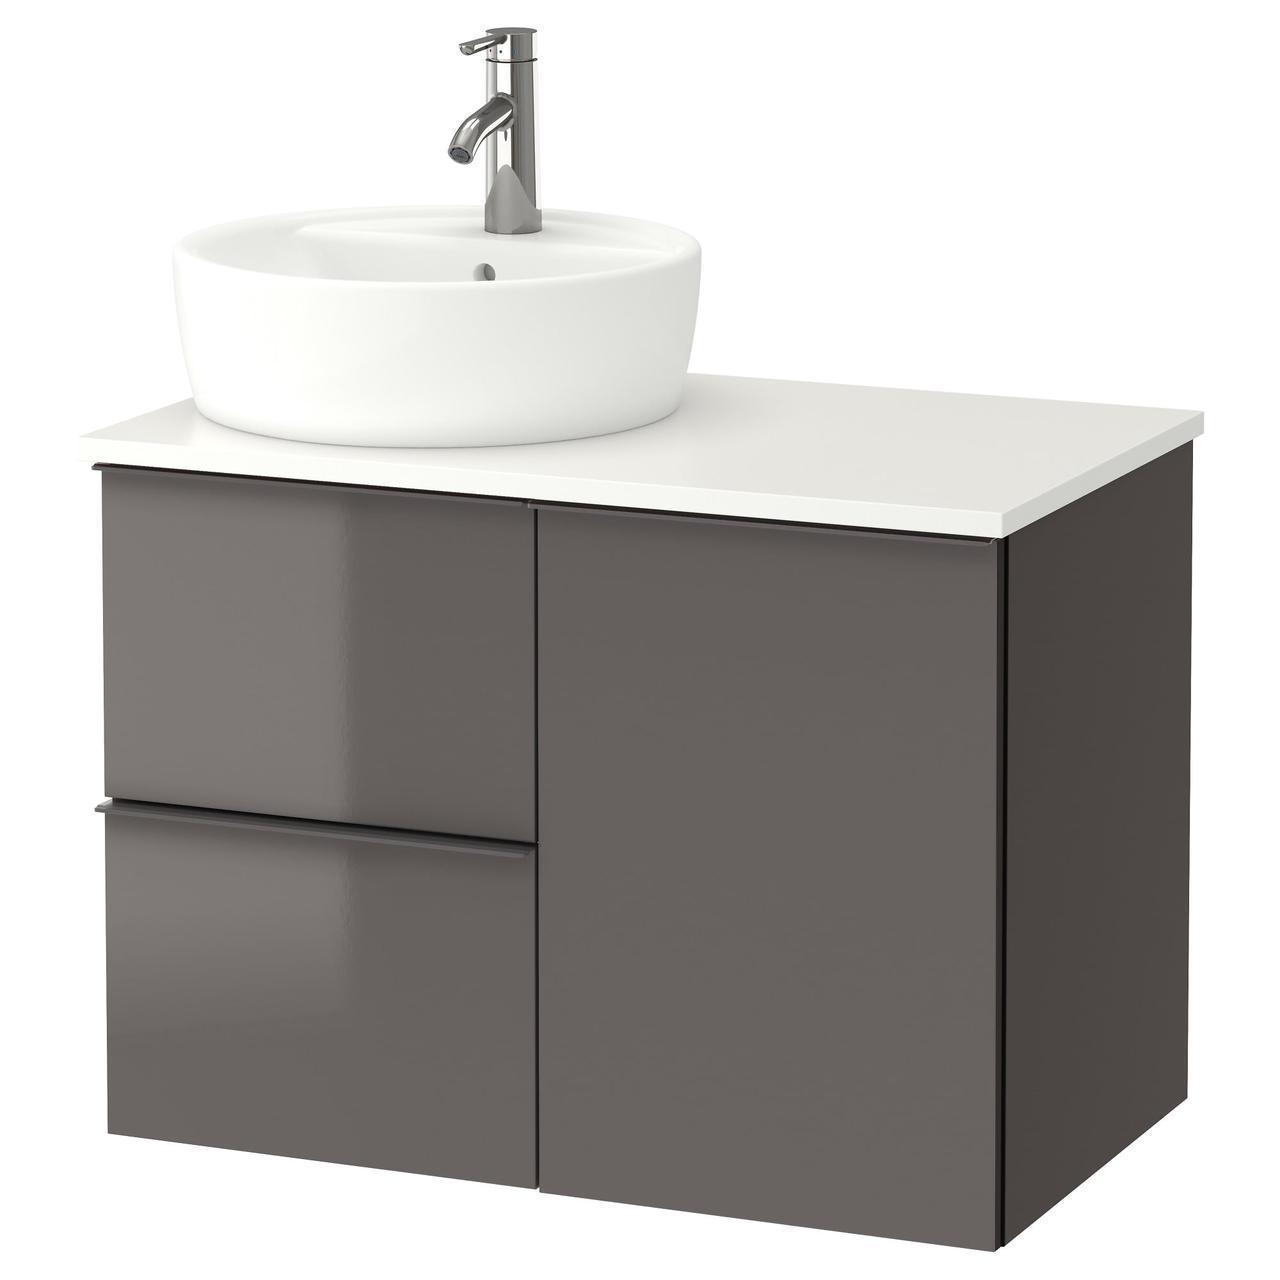 IKEA GODMORGON/TOLKEN/TORNVIKEN Шкаф под умывальник с раковиной 45 см, глянцевый серый, белый  (491.931.77)